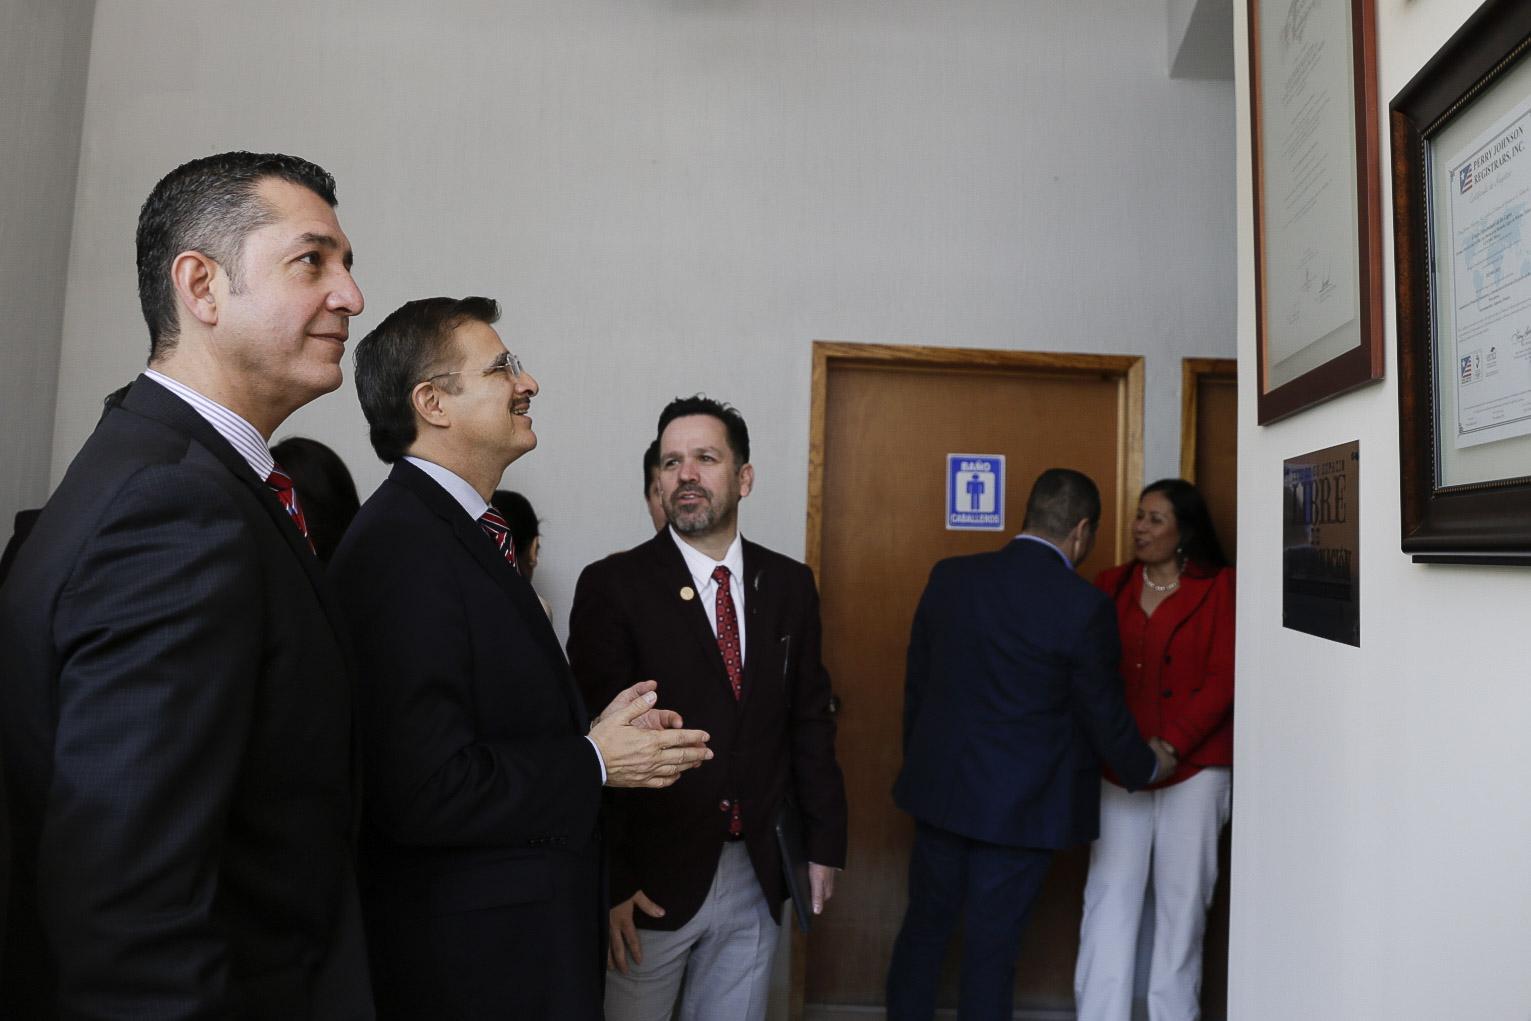 El rector de CULAGOS mostrando al maestro Bravo Padilla los reconocimientos obtenidos en el año